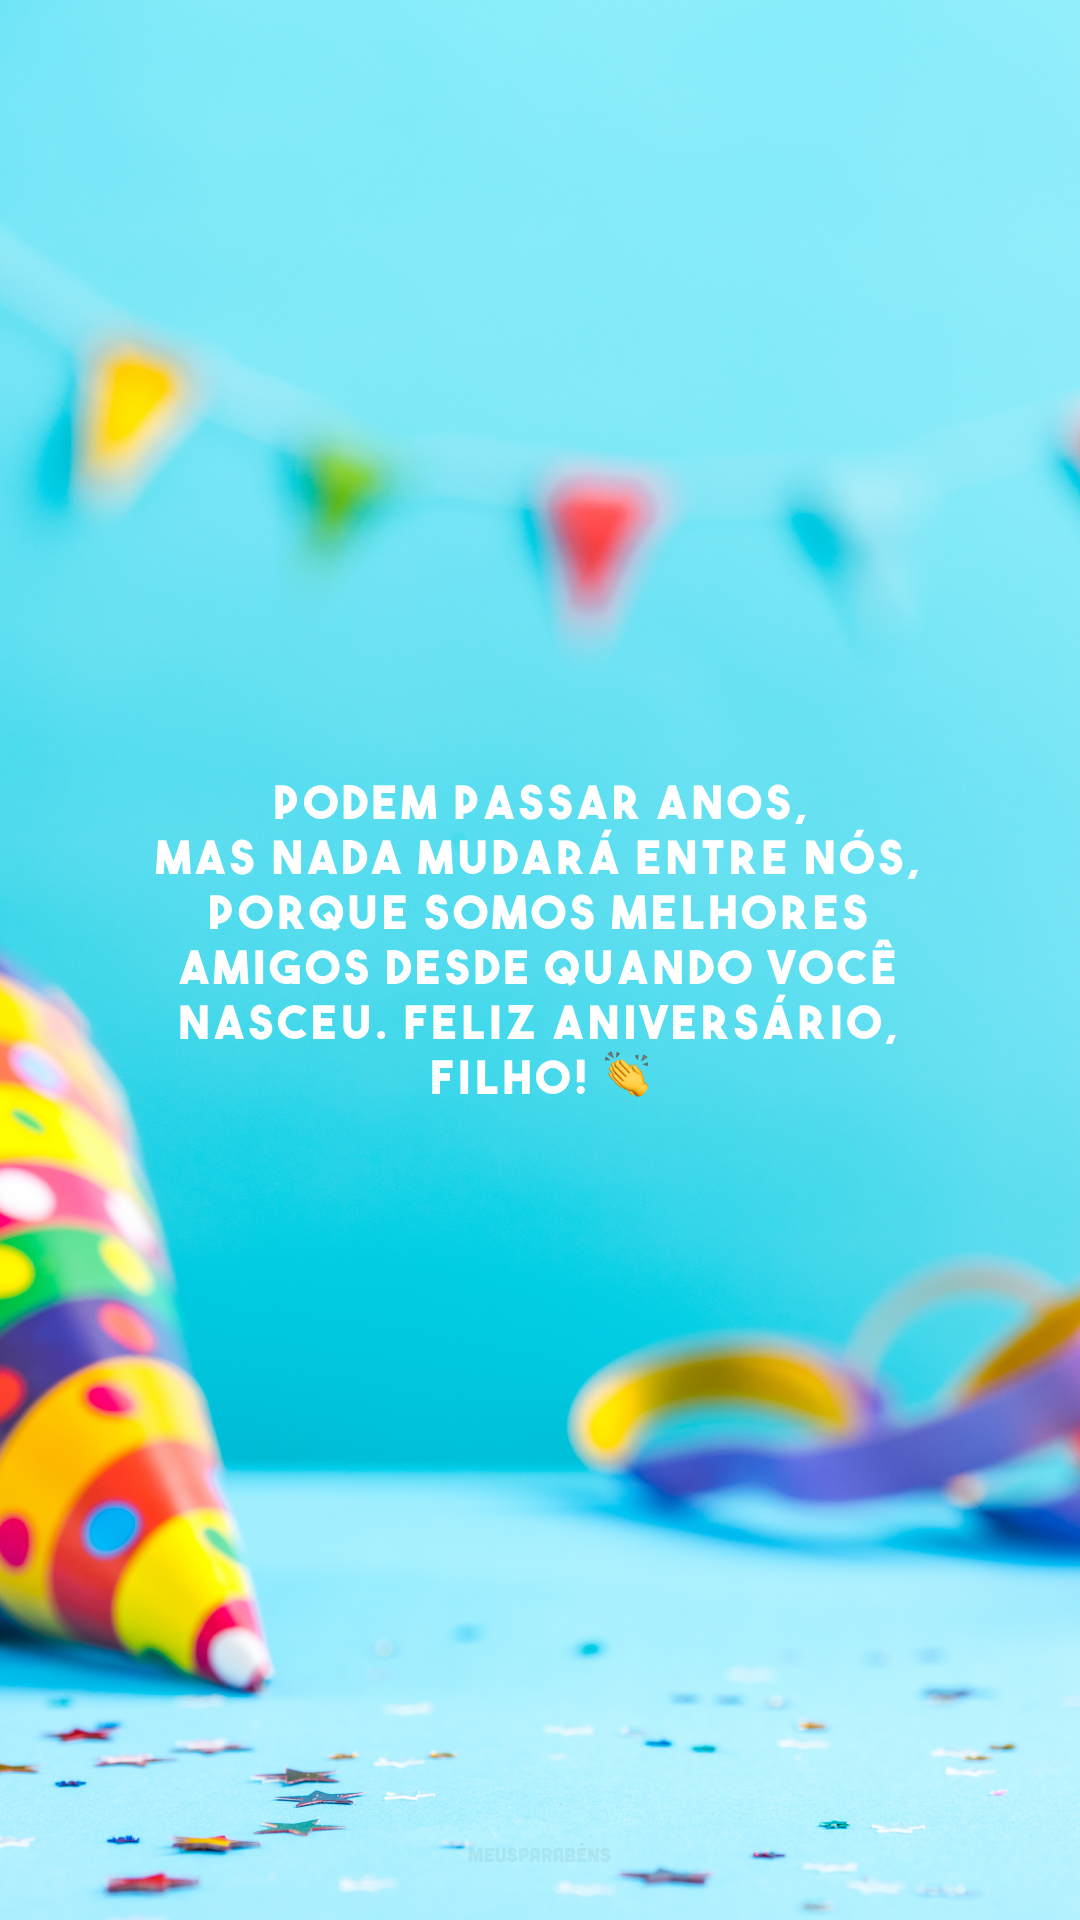 Podem passar anos, mas nada mudará entre nós, porque somos melhores amigos desde quando você nasceu. Feliz aniversário, filho! 👏